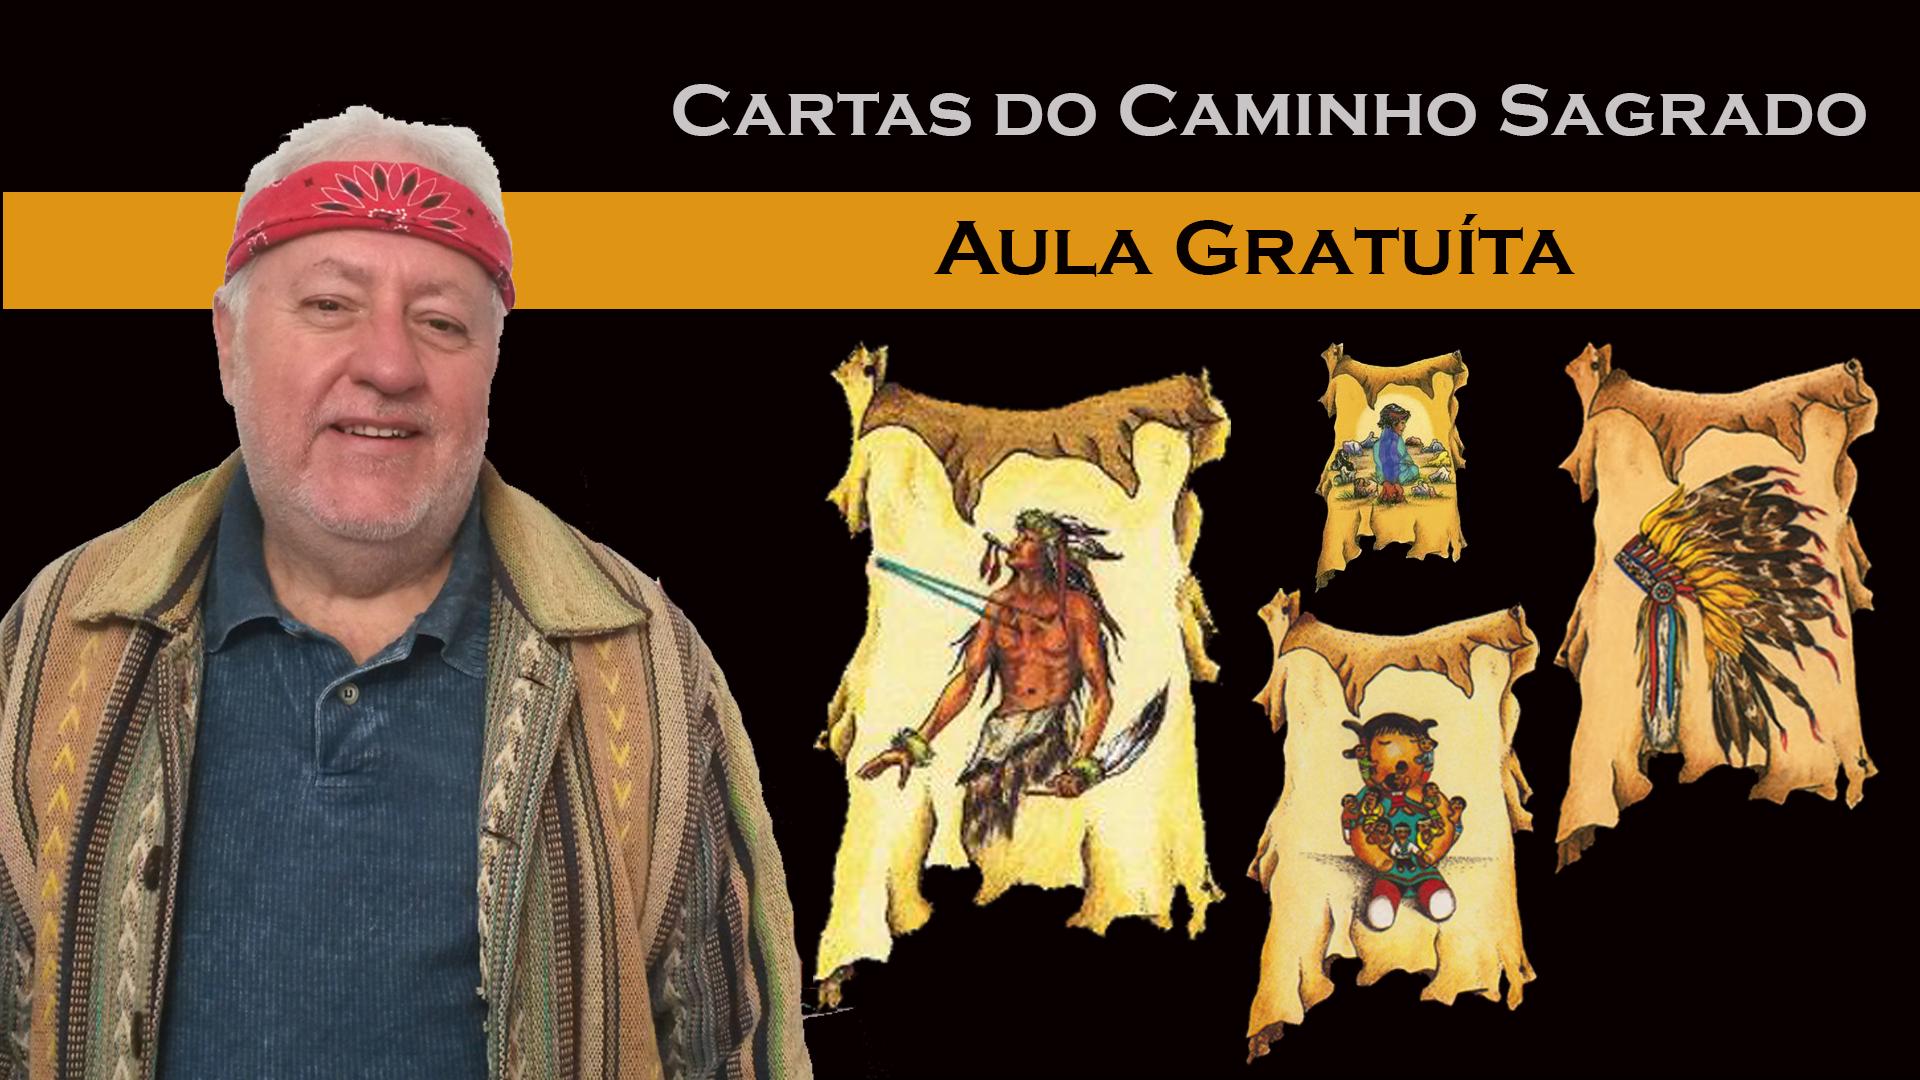 Aula Gratuita Cartas do Caminho Sagrado com Denis Rojas